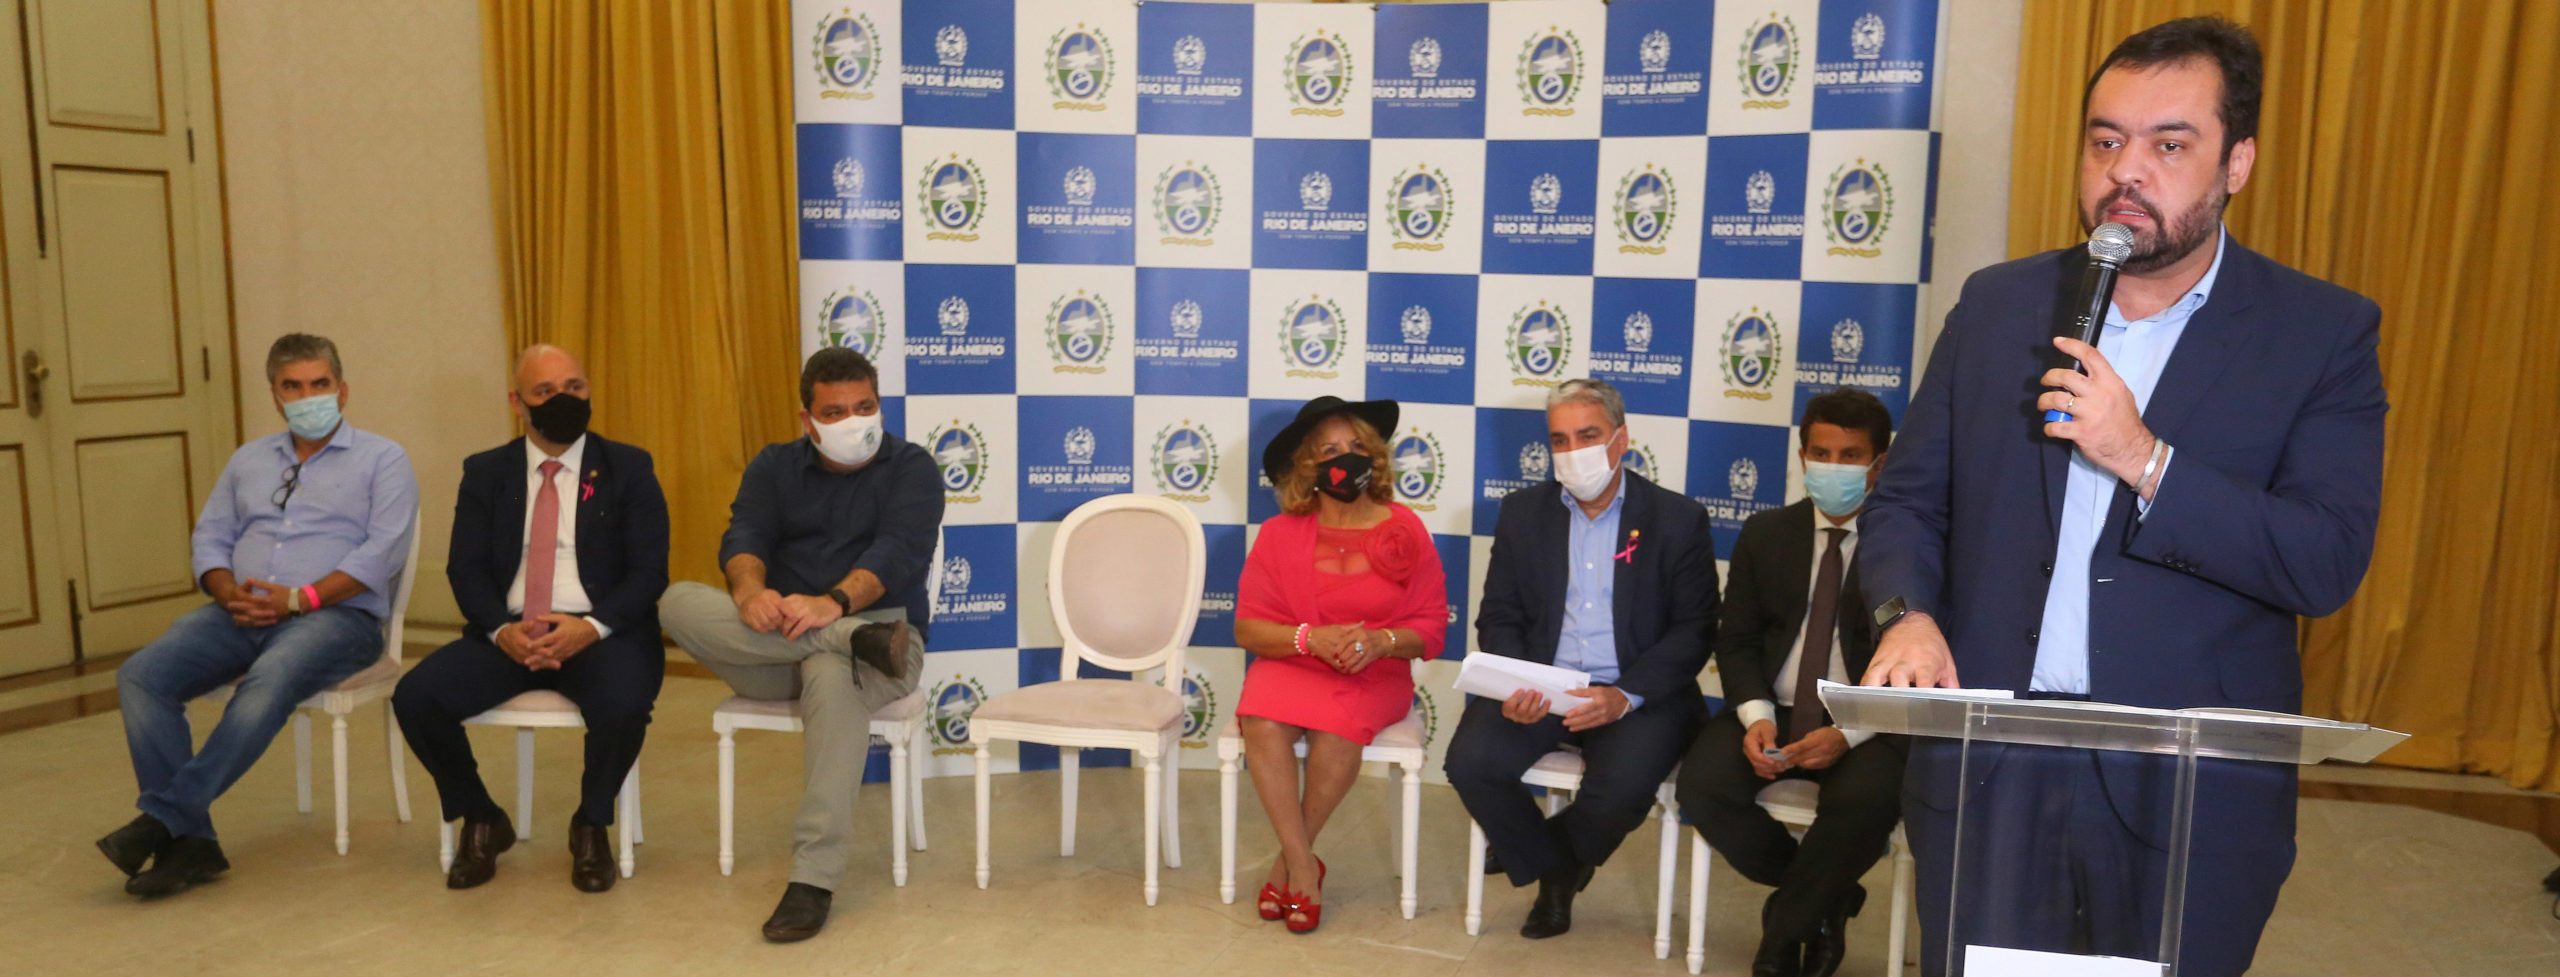 Imagem do governador do Rio e outras autoridades